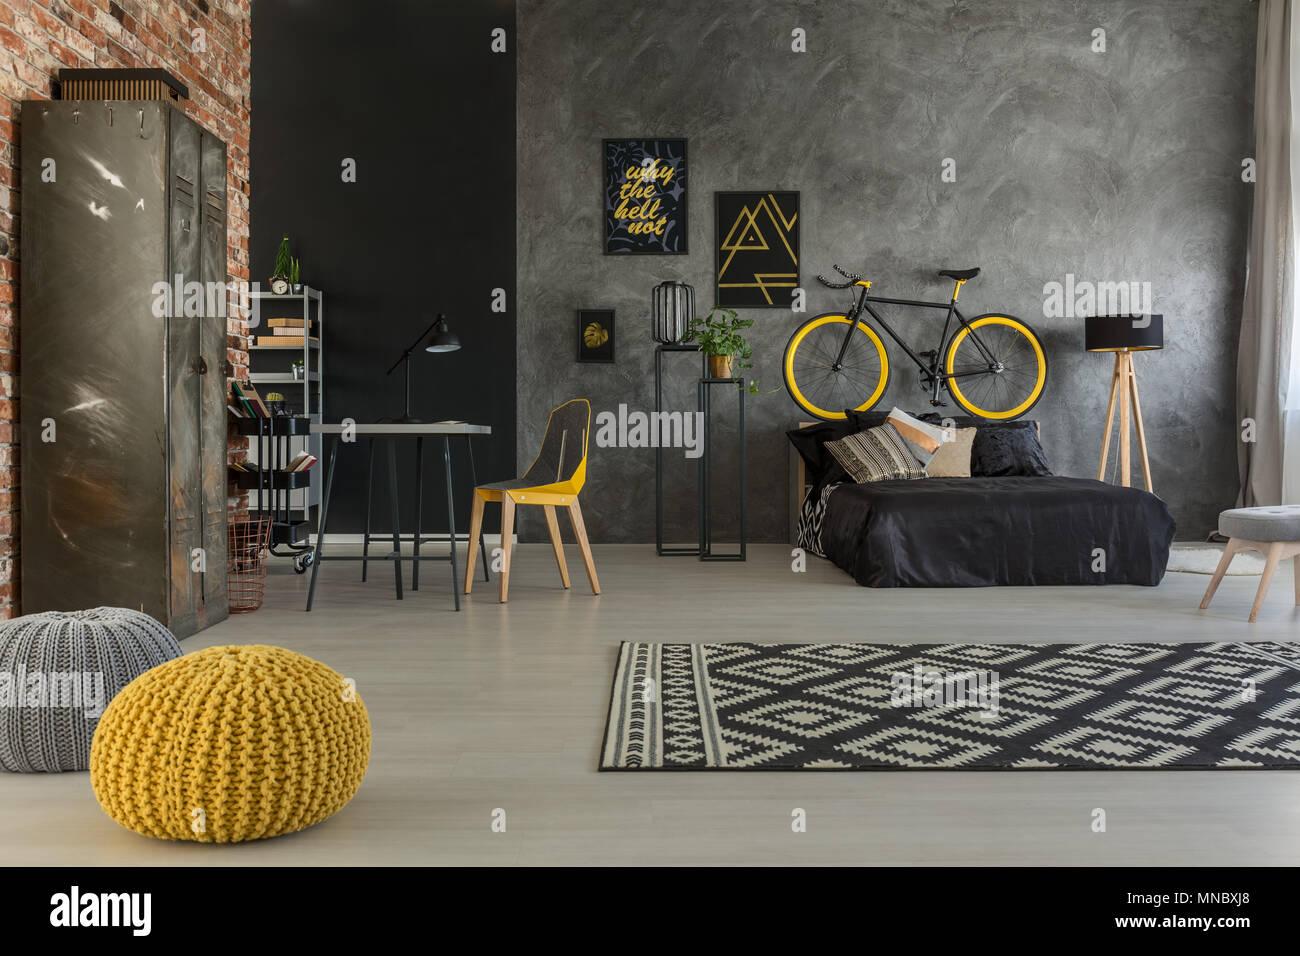 Appartement gris avec lit, bureau, chaise, mur de brique, jaune plus de détails Photo Stock